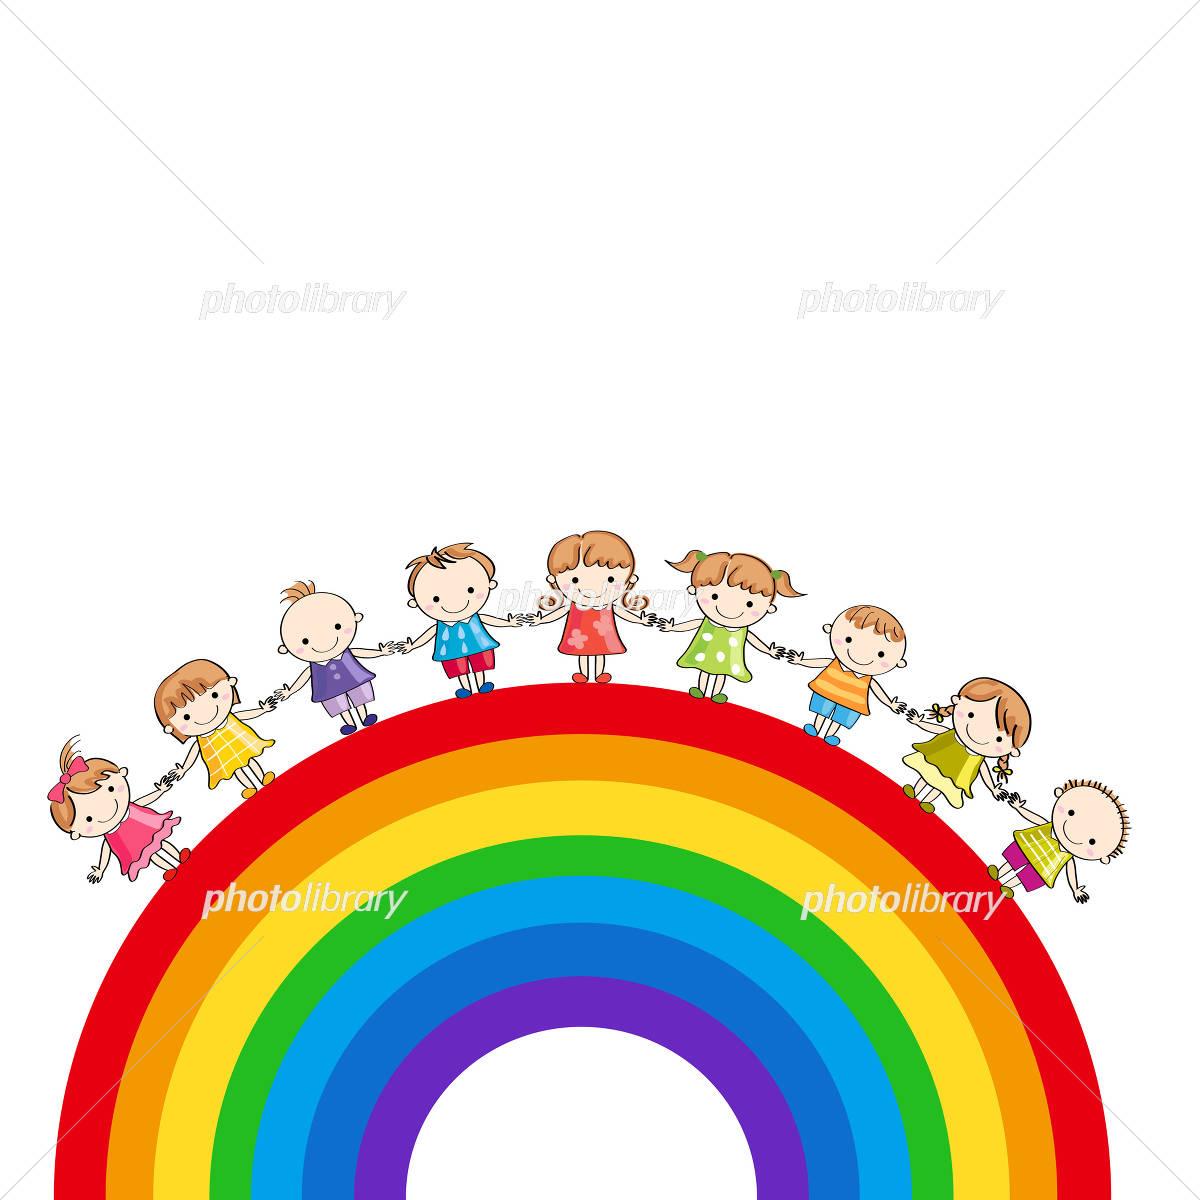 手をつなぐ子供たちと虹 イラスト素材 4529605 フォト